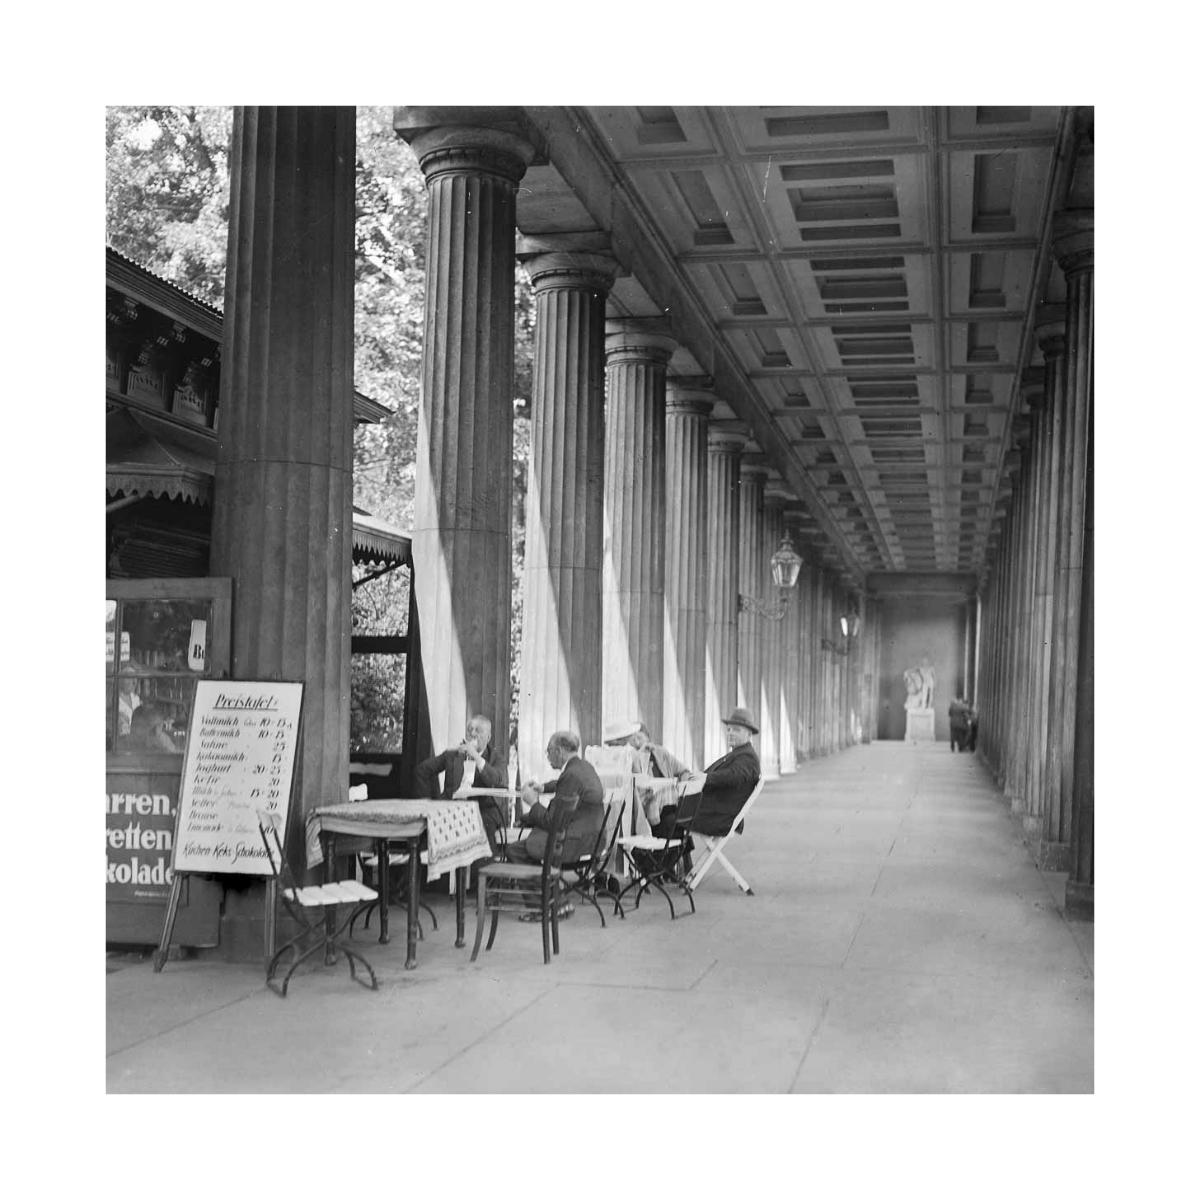 Kolonnadenbar Museumsinsel Berlin um 1900